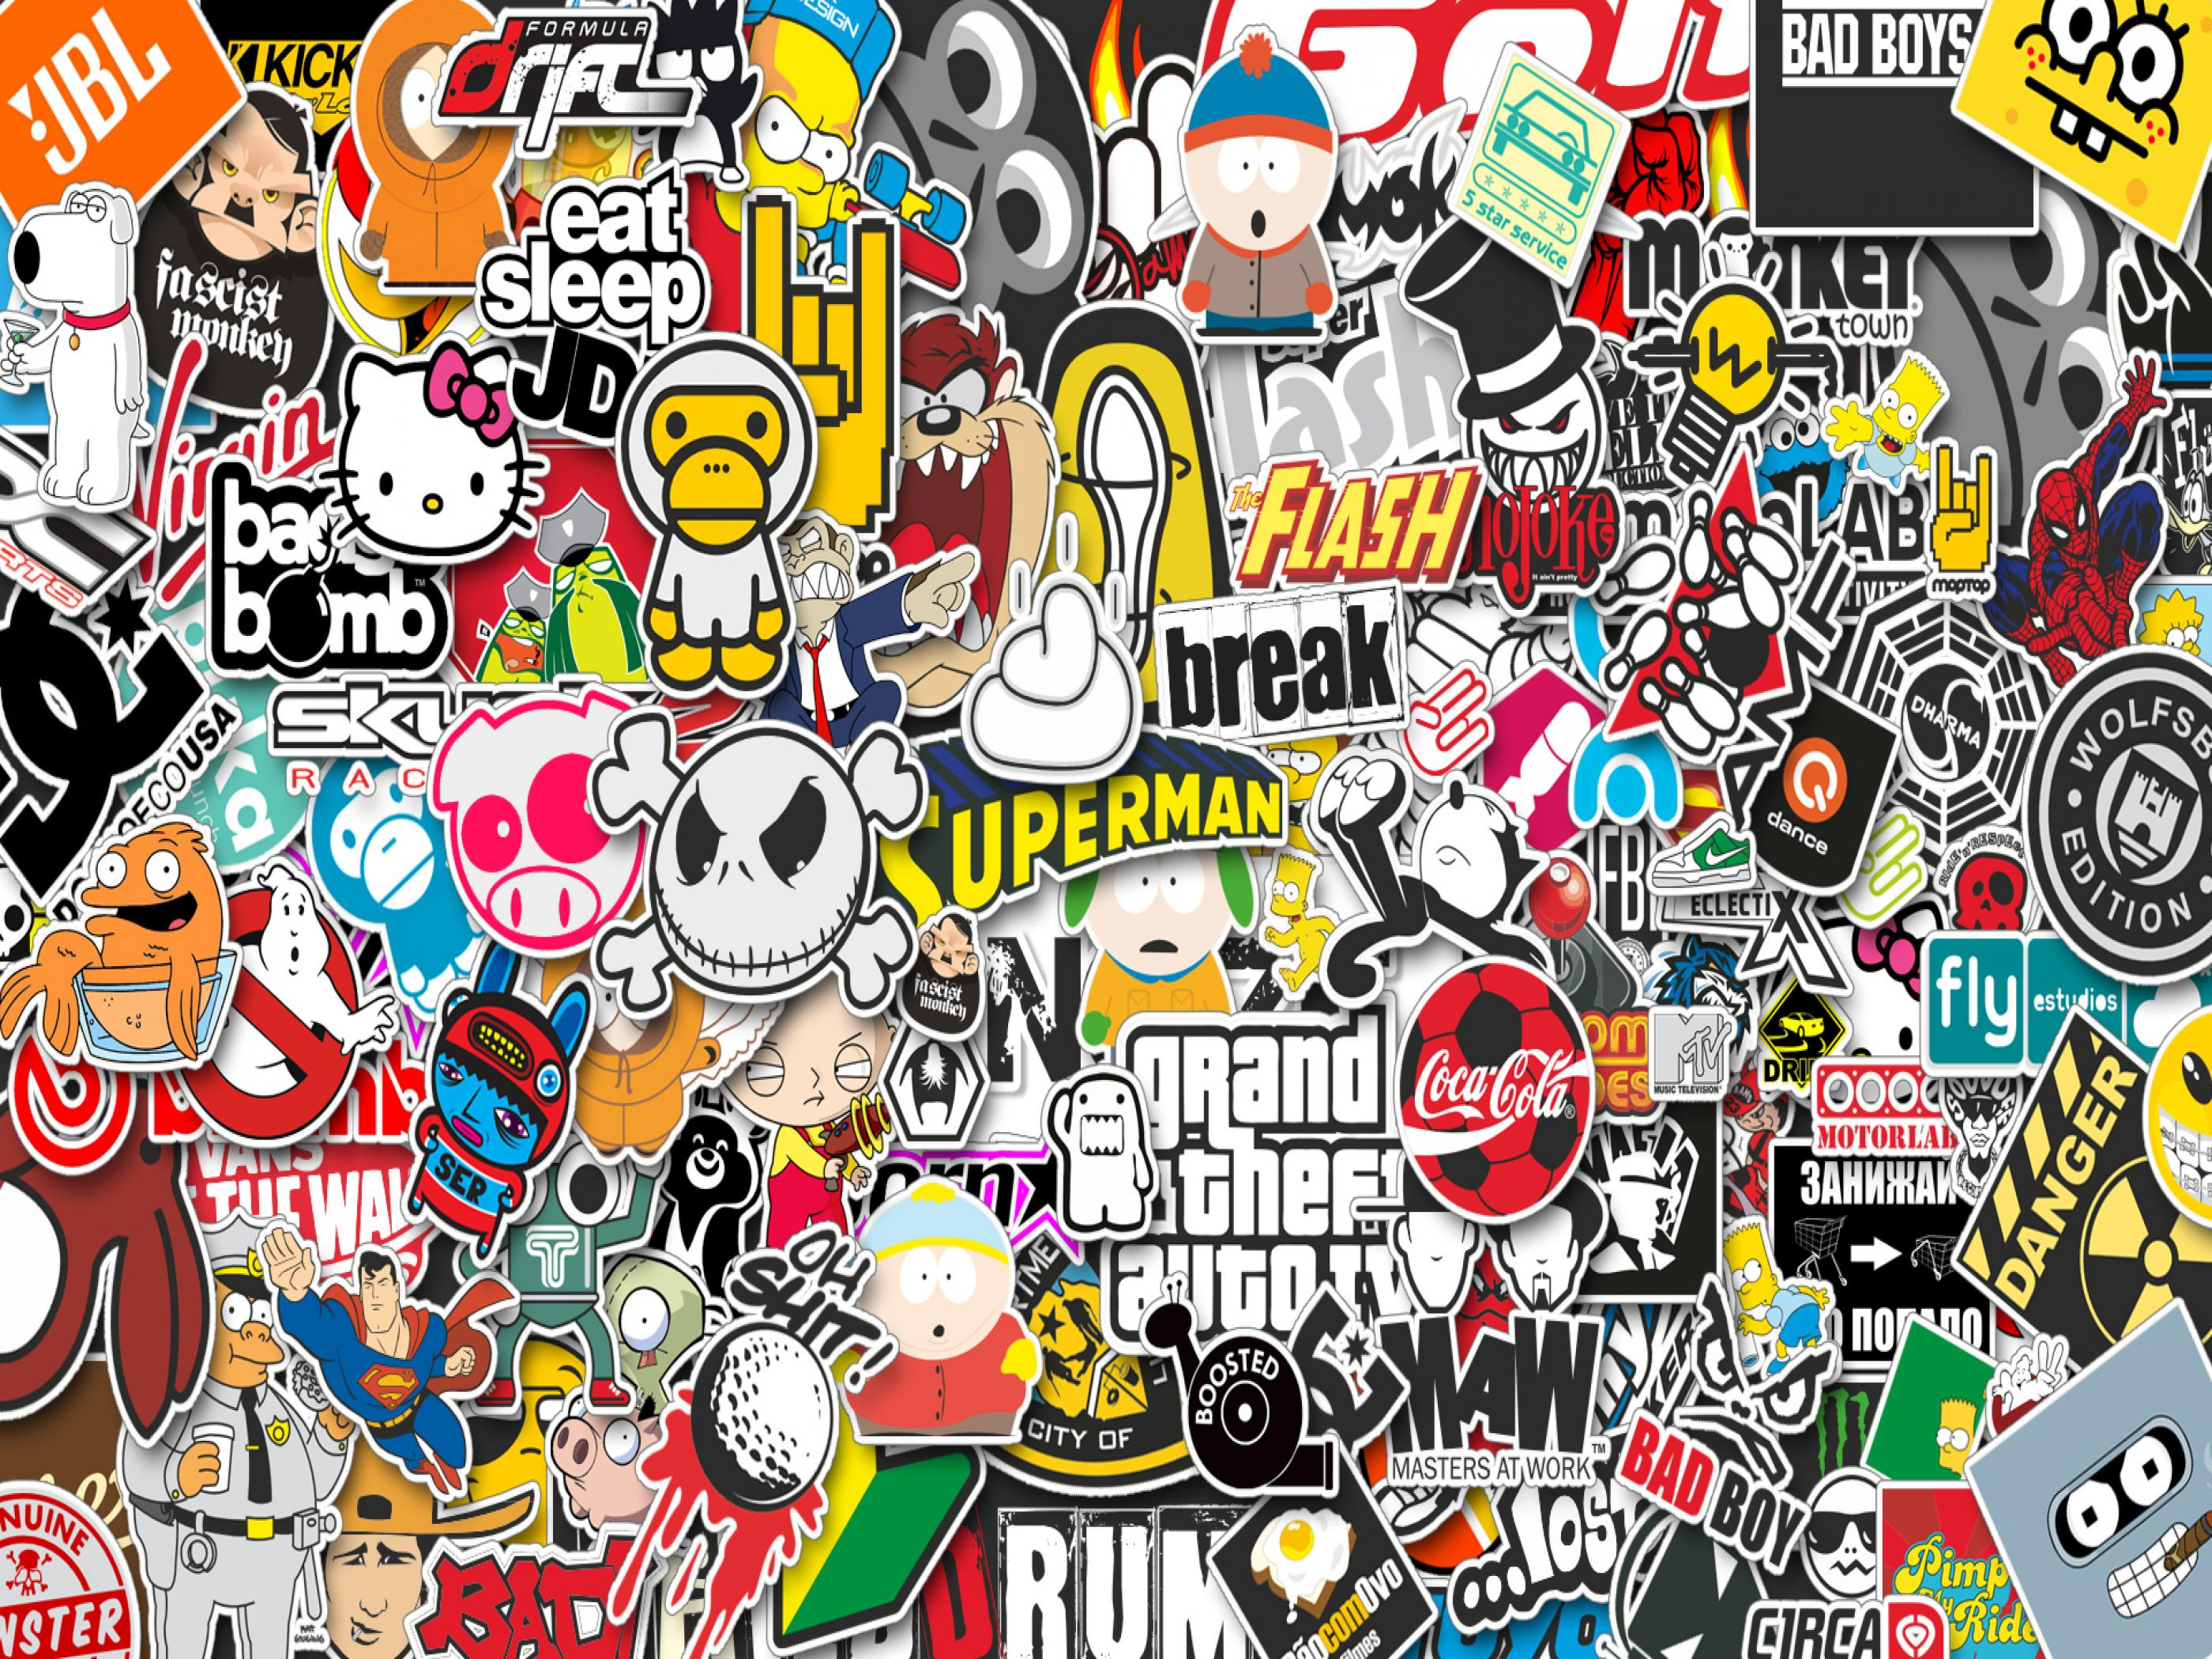 Logos Wallpapers   Top Logos Backgrounds   WallpaperAccess 2800x2100